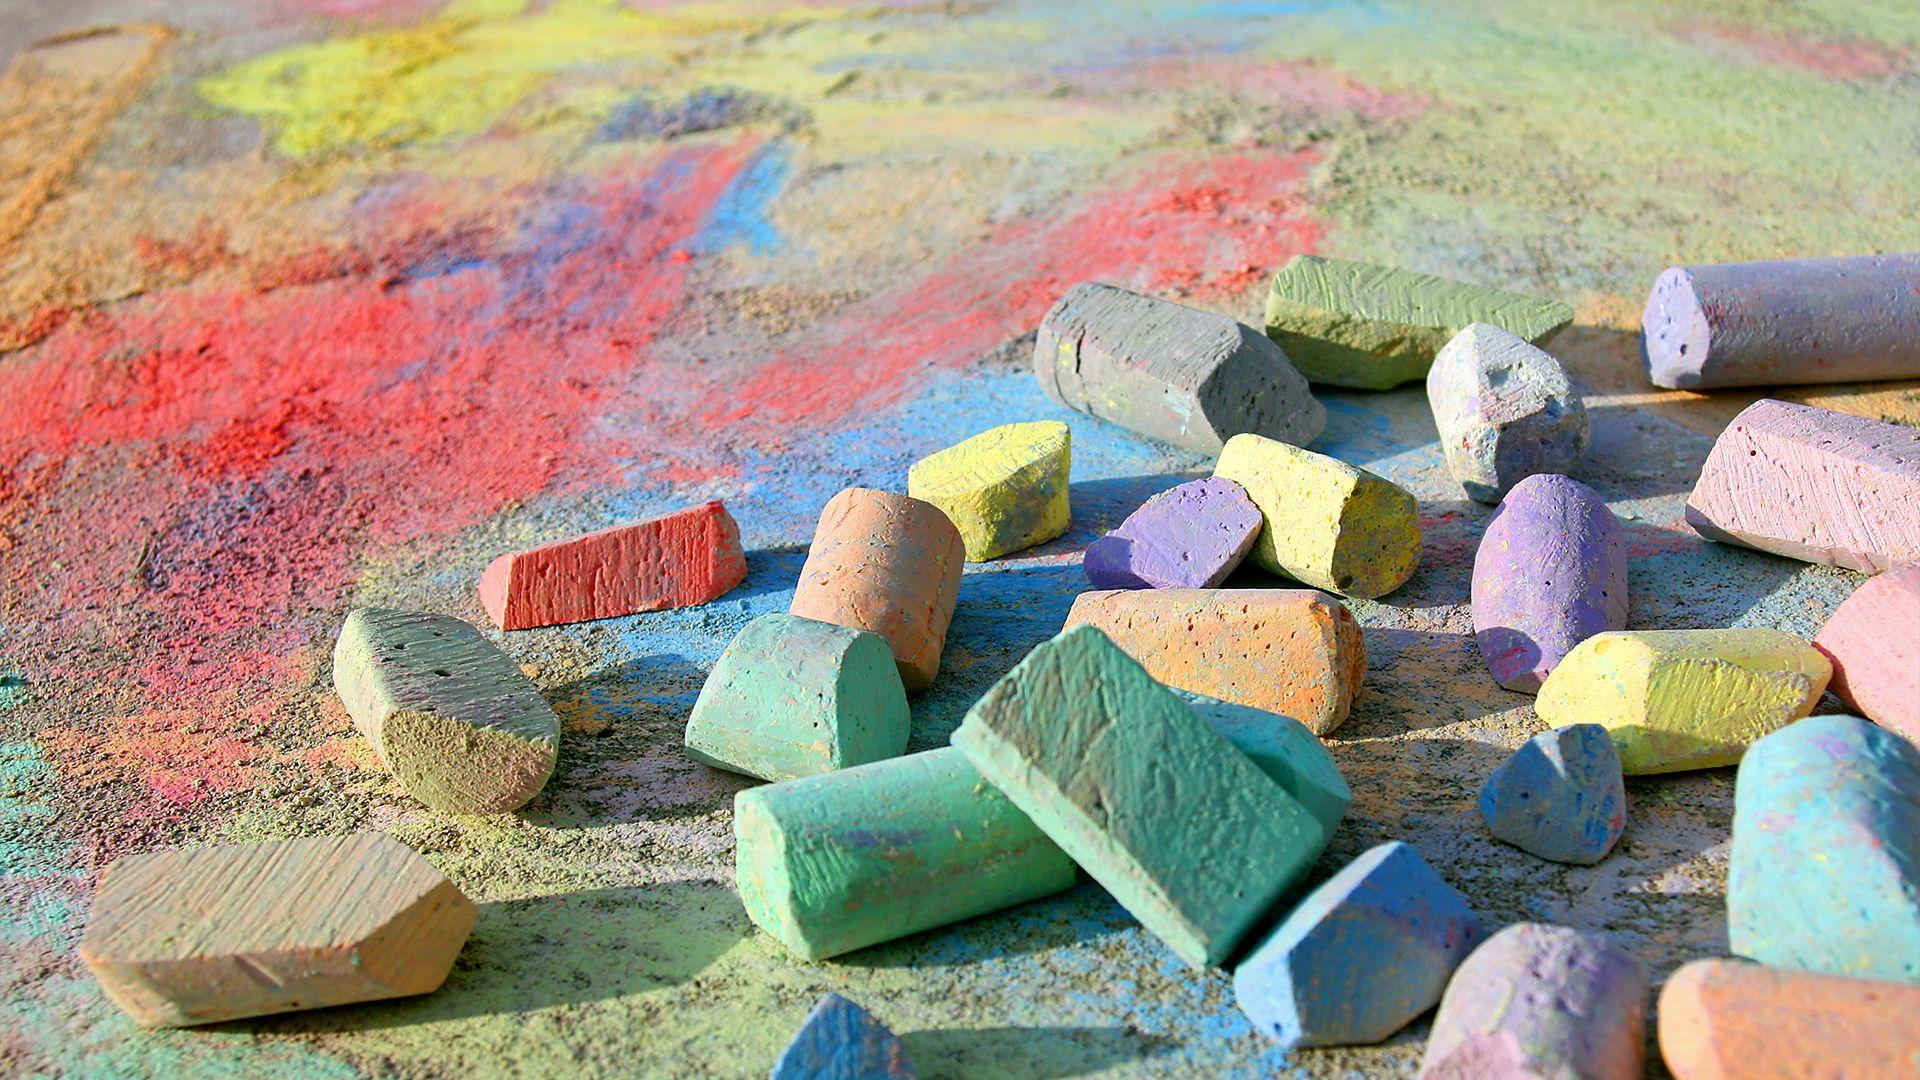 5 New Ways to Use Sidewalk Chalk